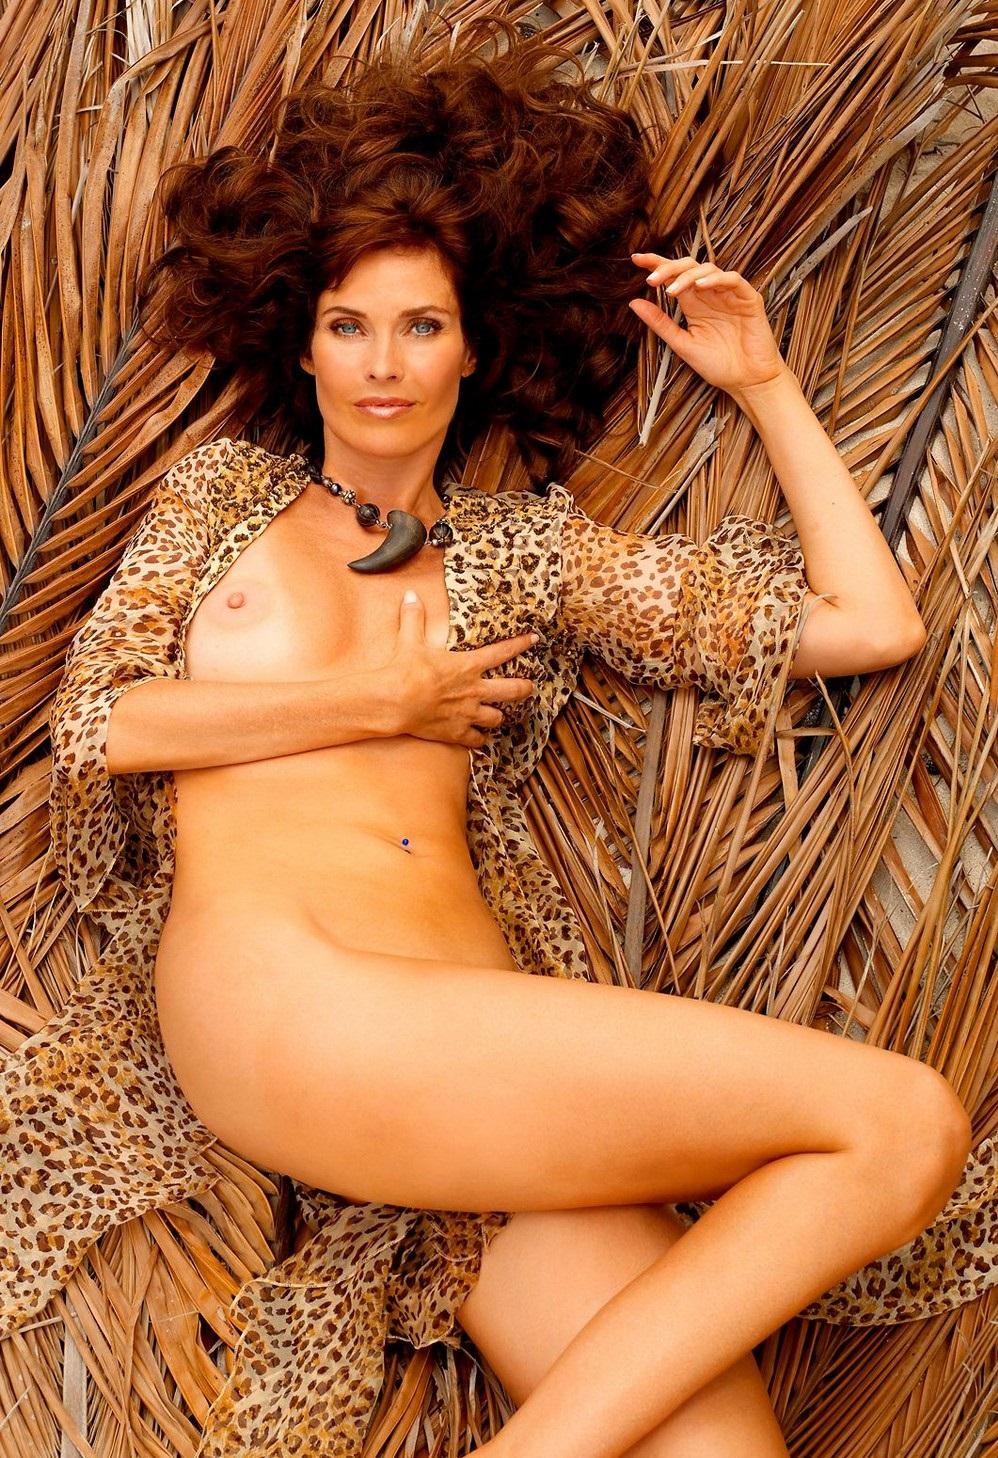 Free Carol Alt Nude Playboy